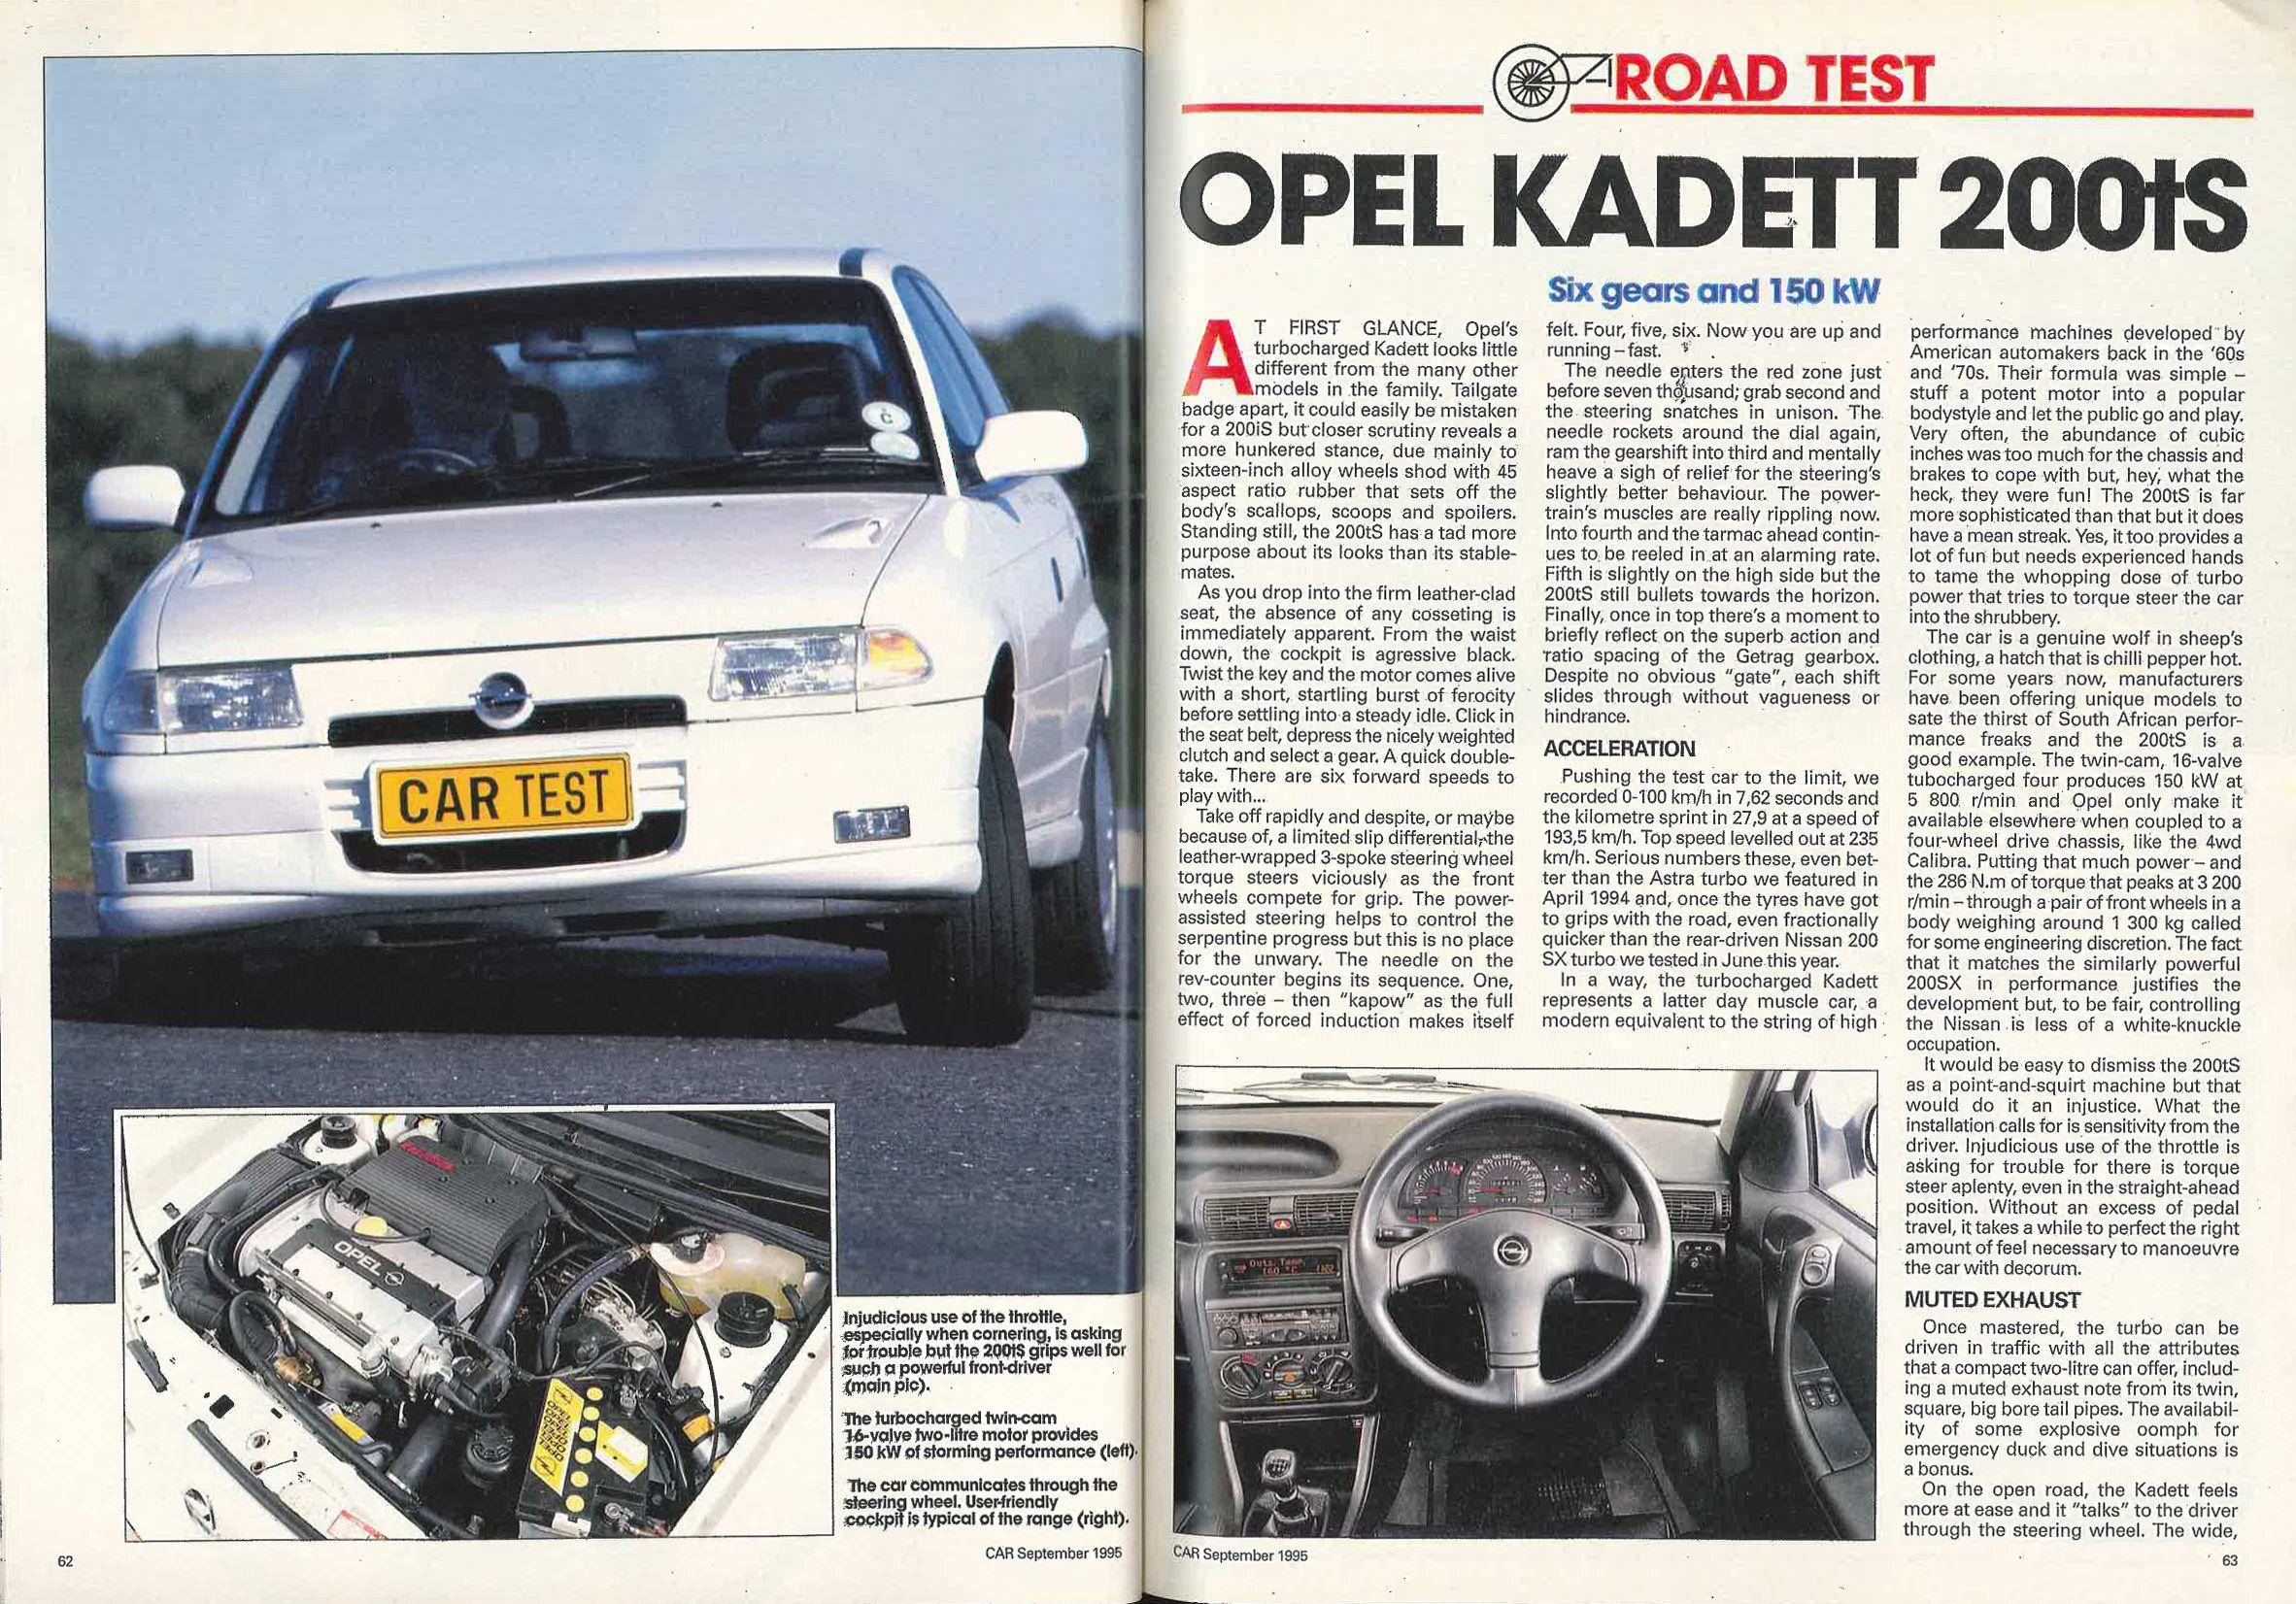 Opel Kadett 200 ts CARmag.co.za Cars South African